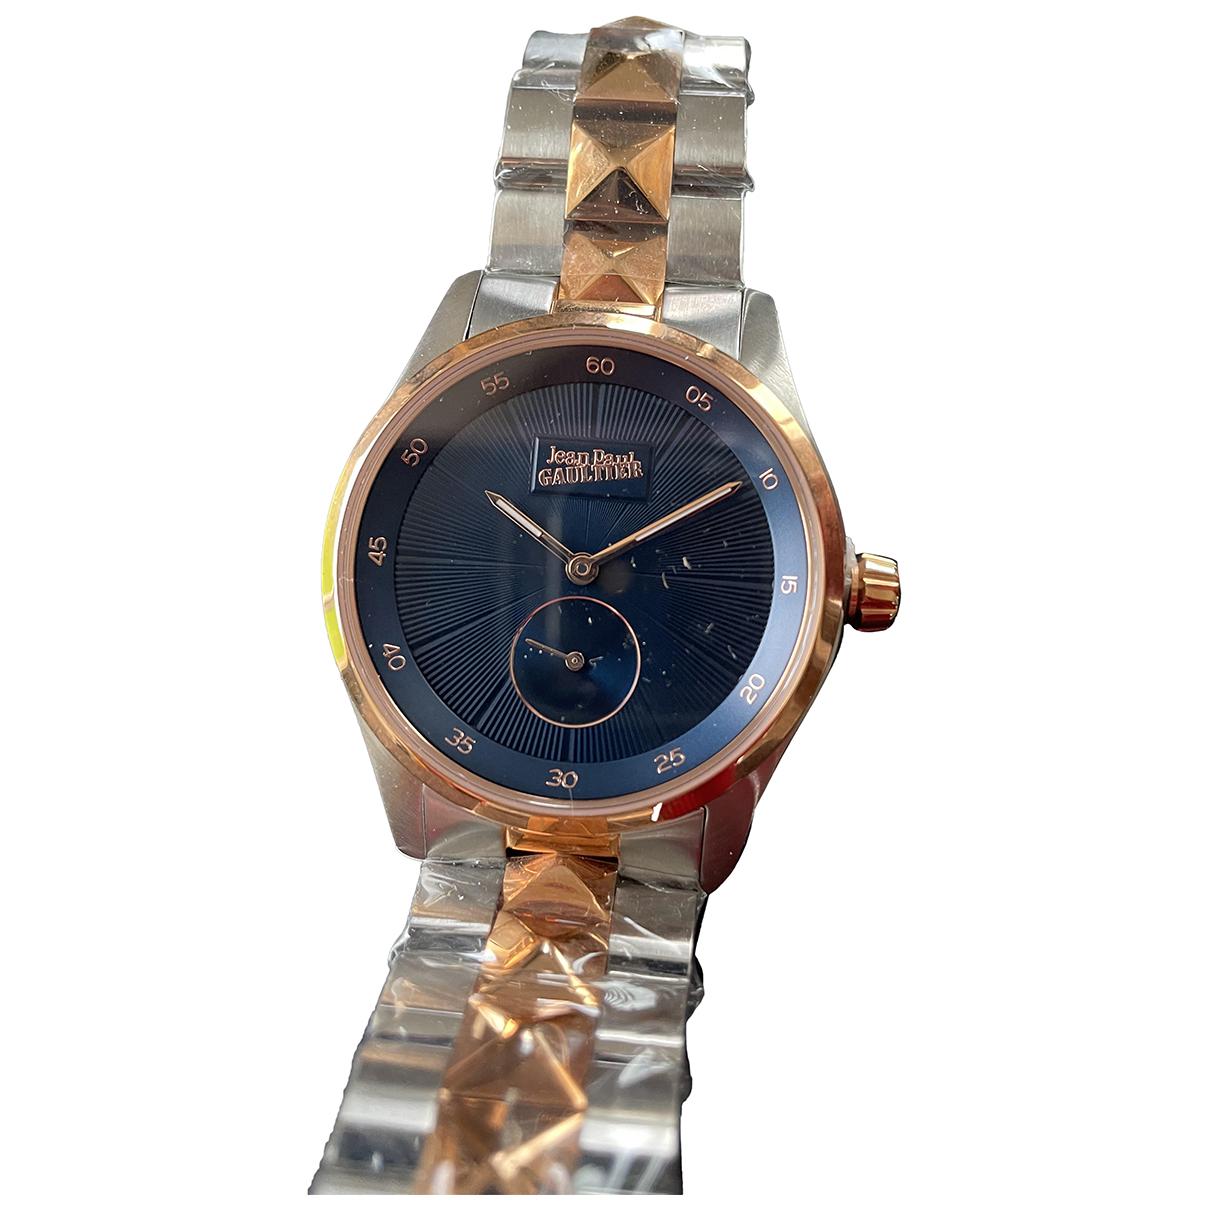 Reloj Jean Paul Gaultier